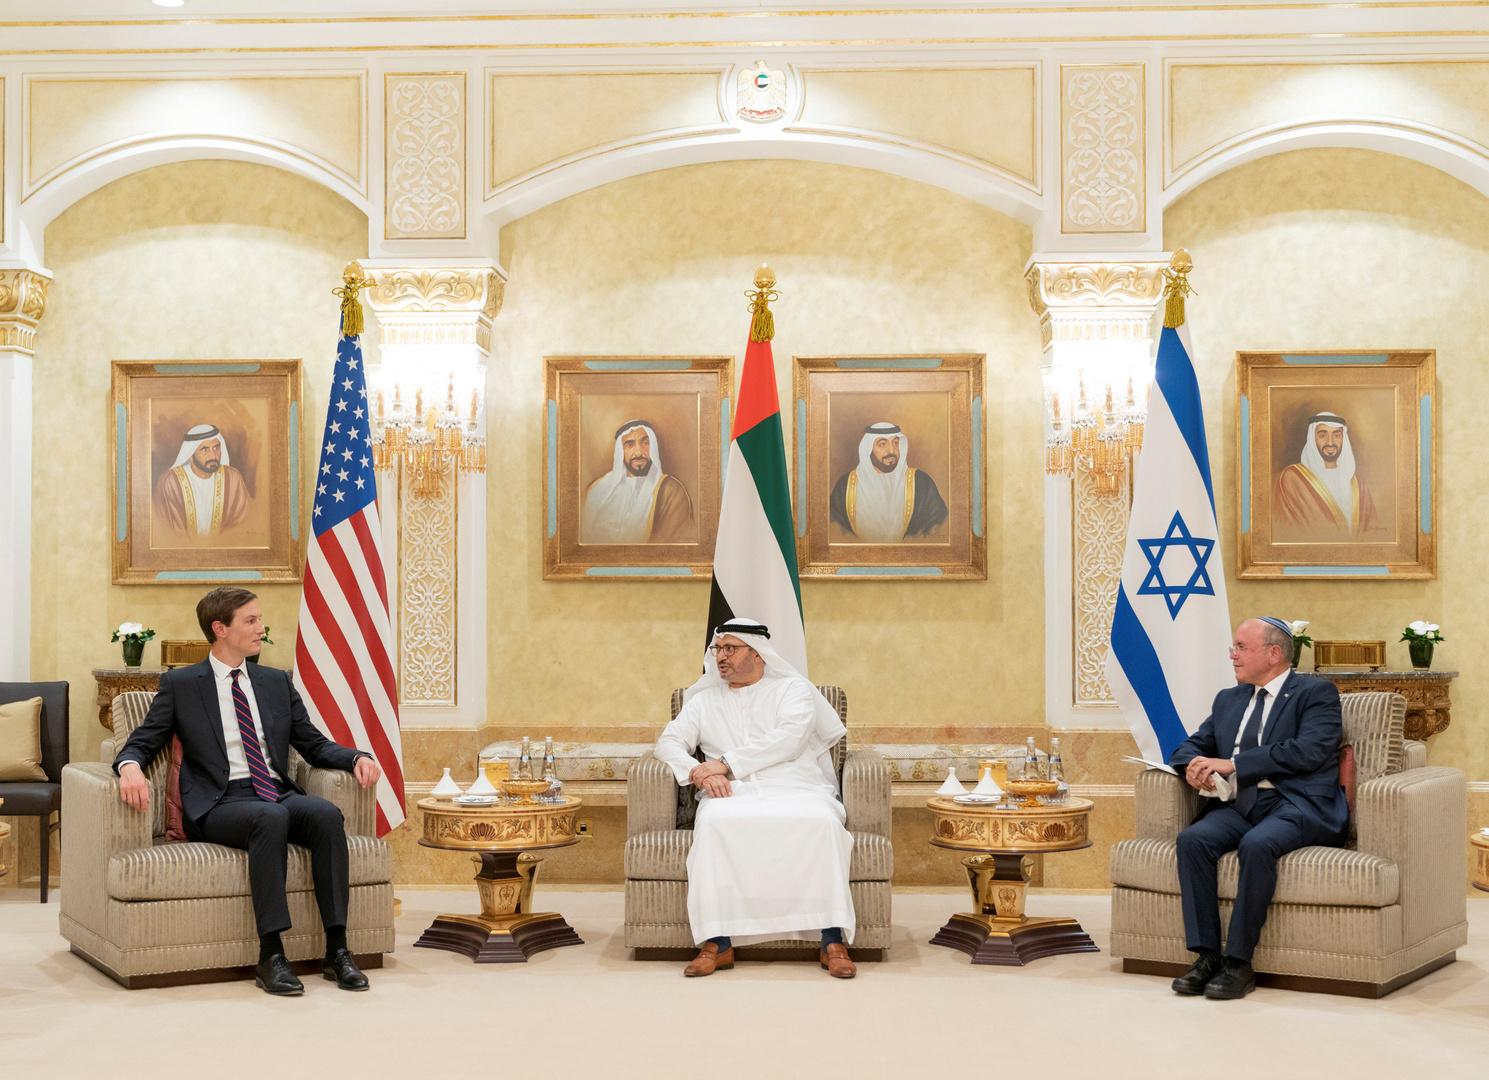 نتنياهو: تم توجيه الدعوة إلى وفد إماراتي لزيارة إسرائيل